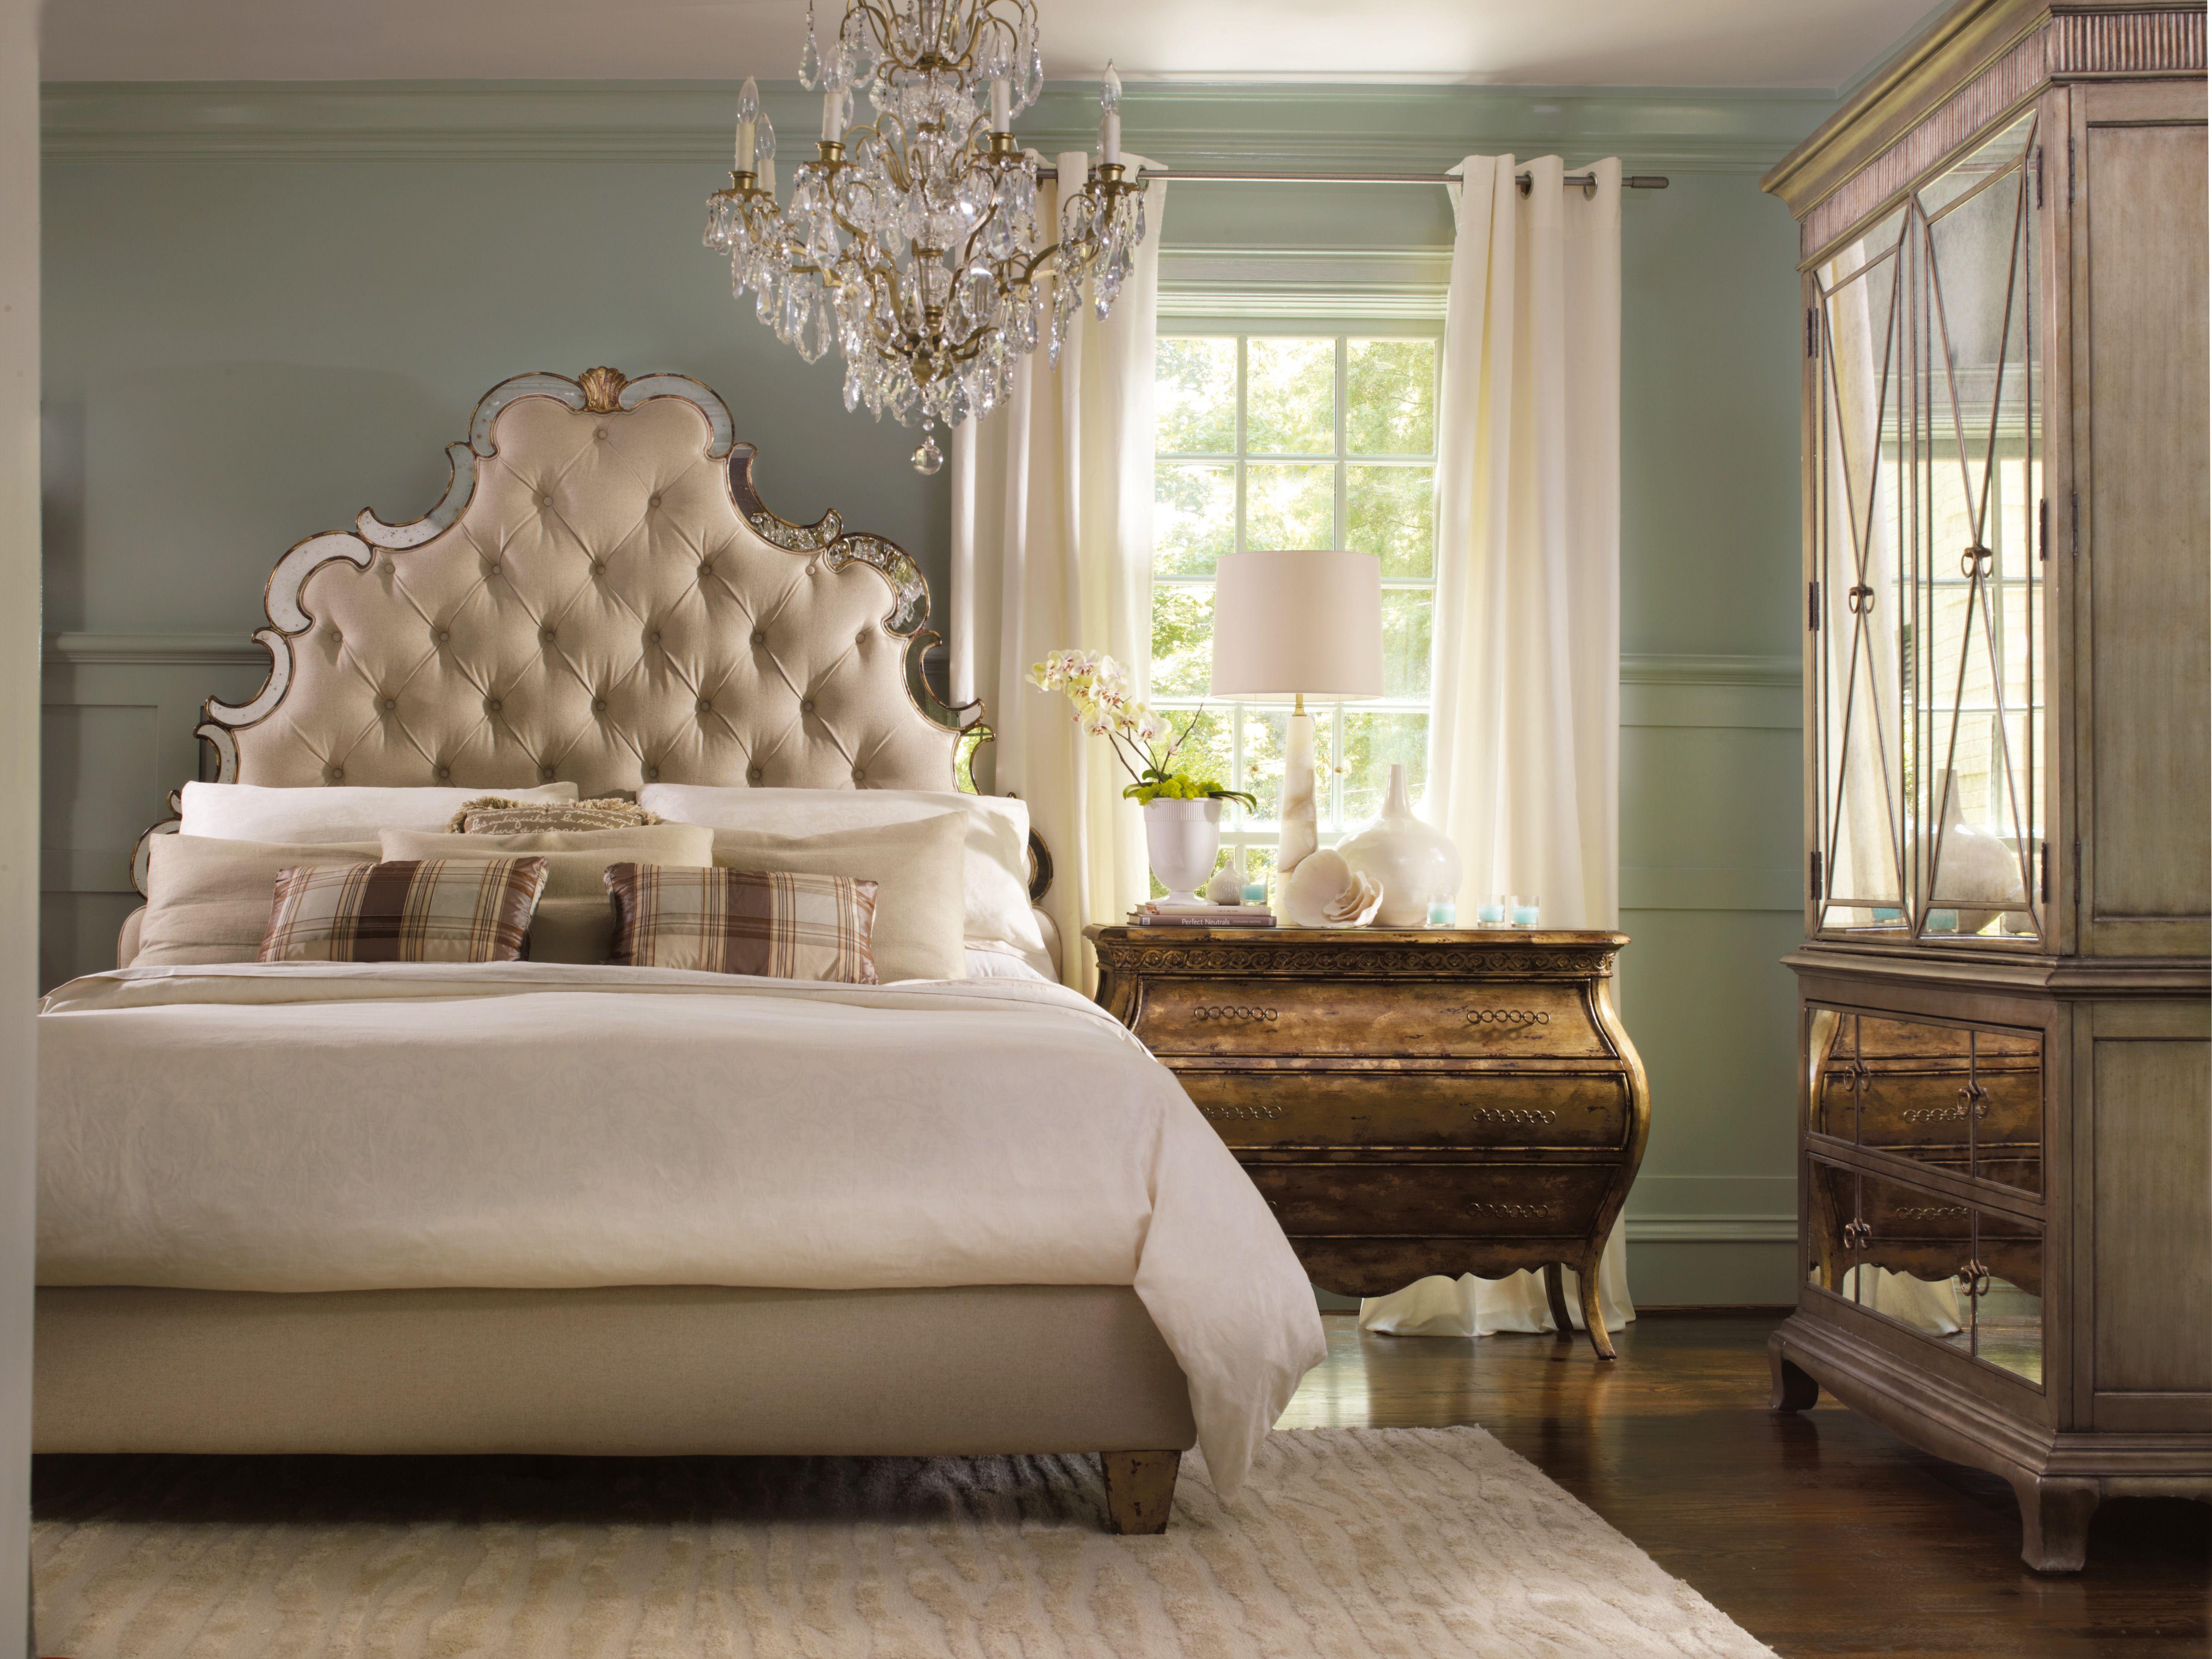 Bedroom Furniture Bristol Hooker Furniture Sanctuary King Bed Bristol Tufted Bed Bedroom